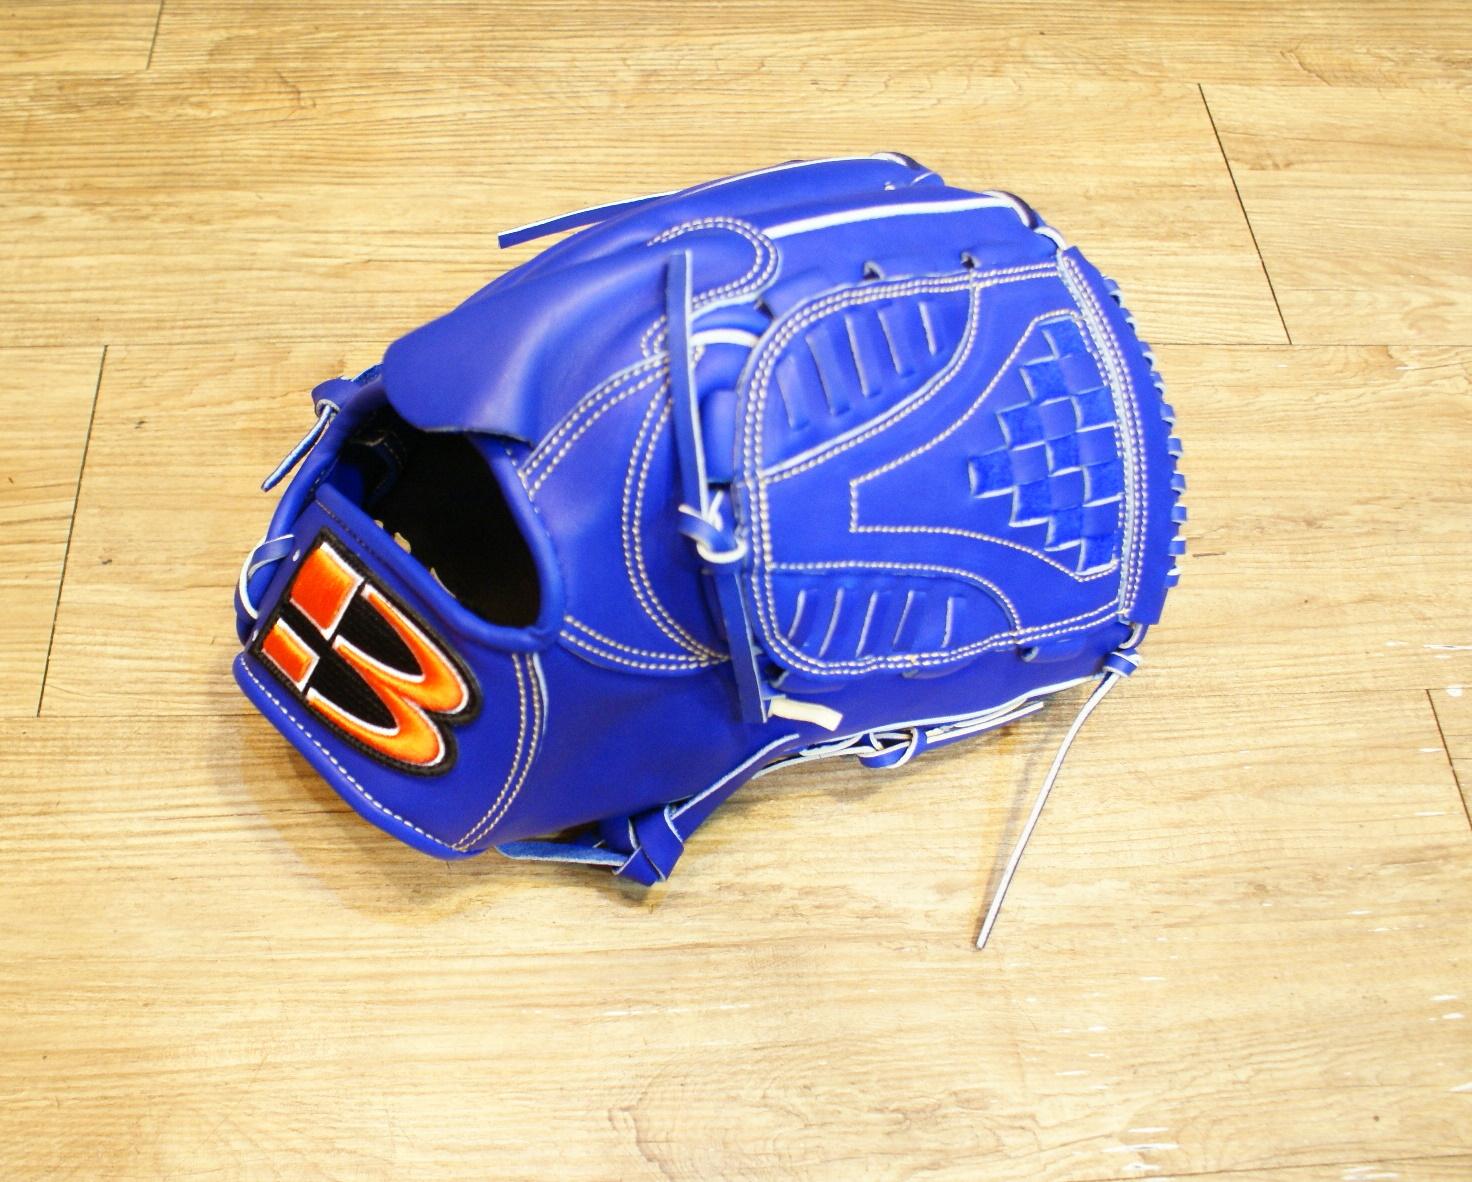 棒球世界 全新技魂系列美國小牛革職業用棒球手套內野投手檔 藍色